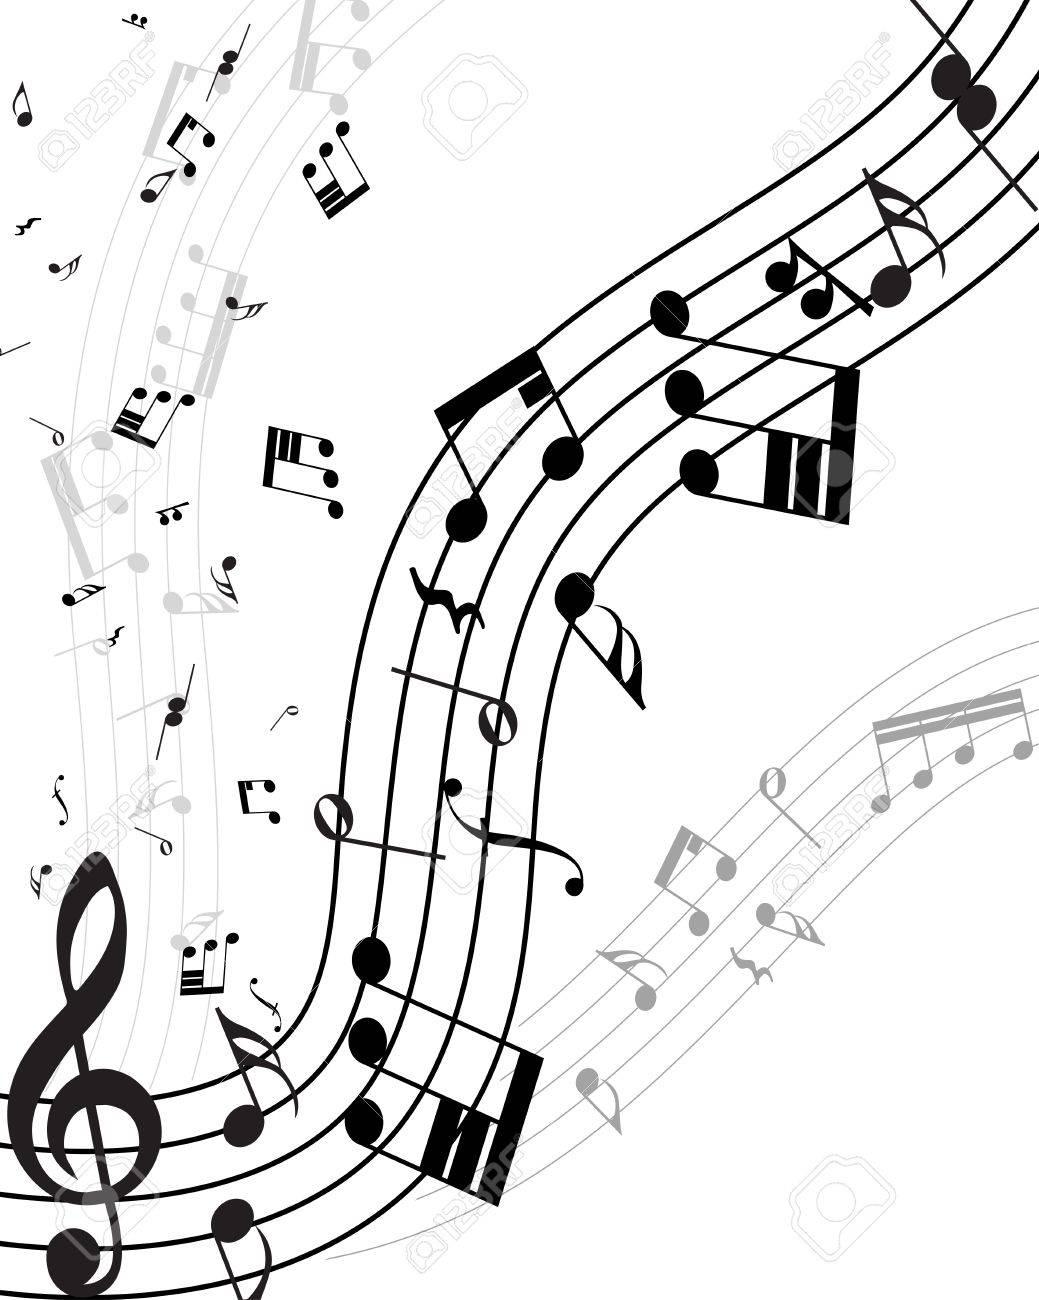 ラインとスタッフは音符 イラスト のイラスト素材 ベクタ Image